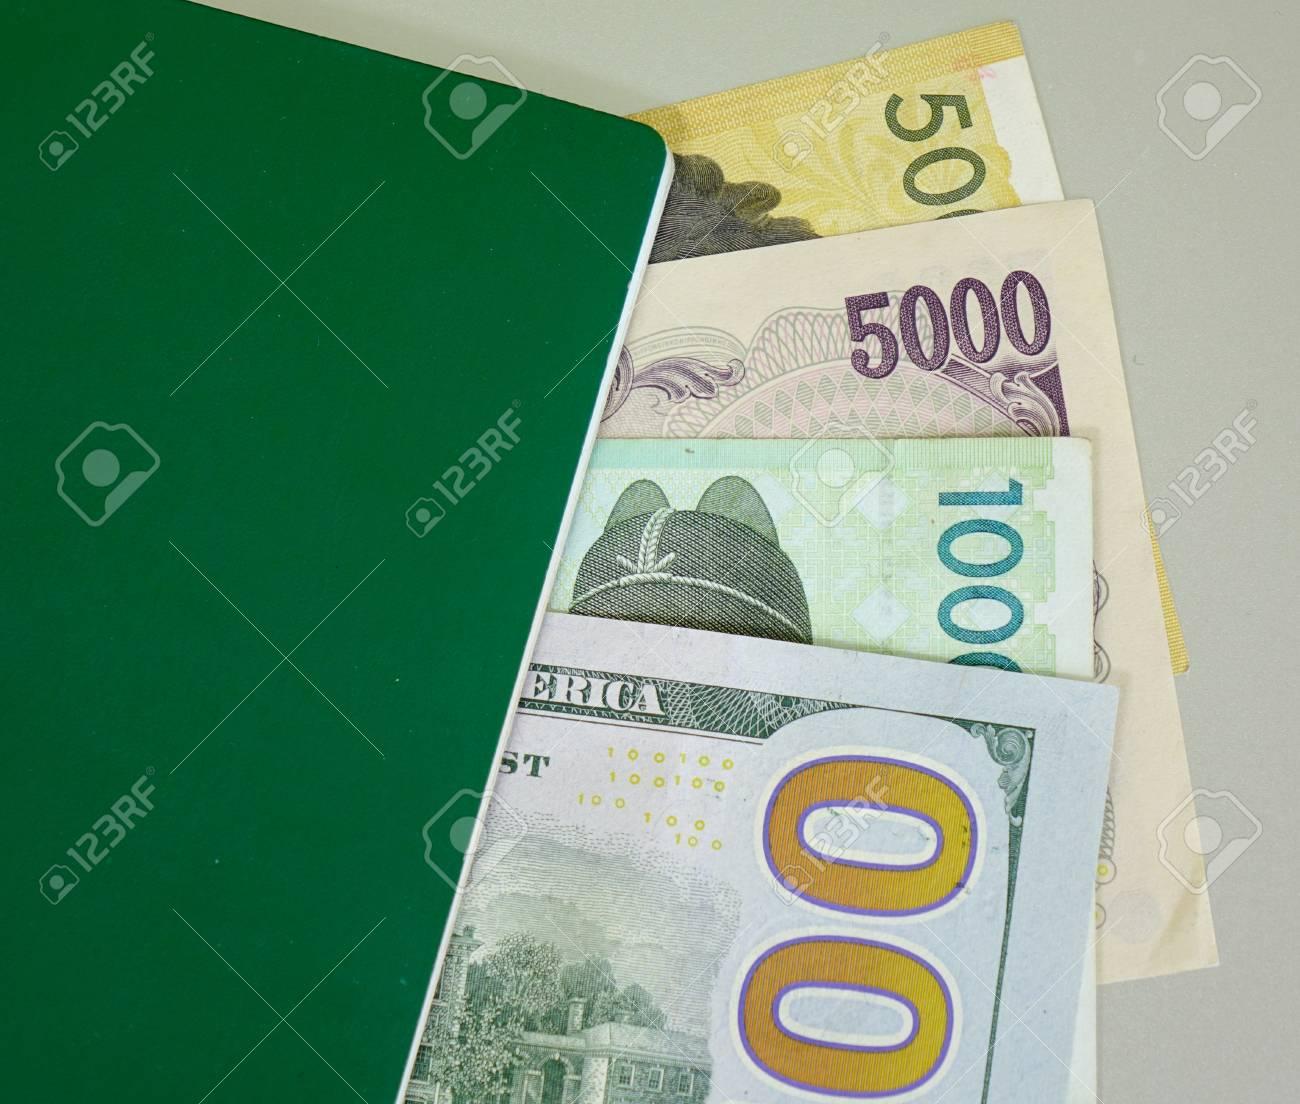 米ドル 韓国 ウォン ドルウォン相場。為替レート推移から見る韓国経済の今後